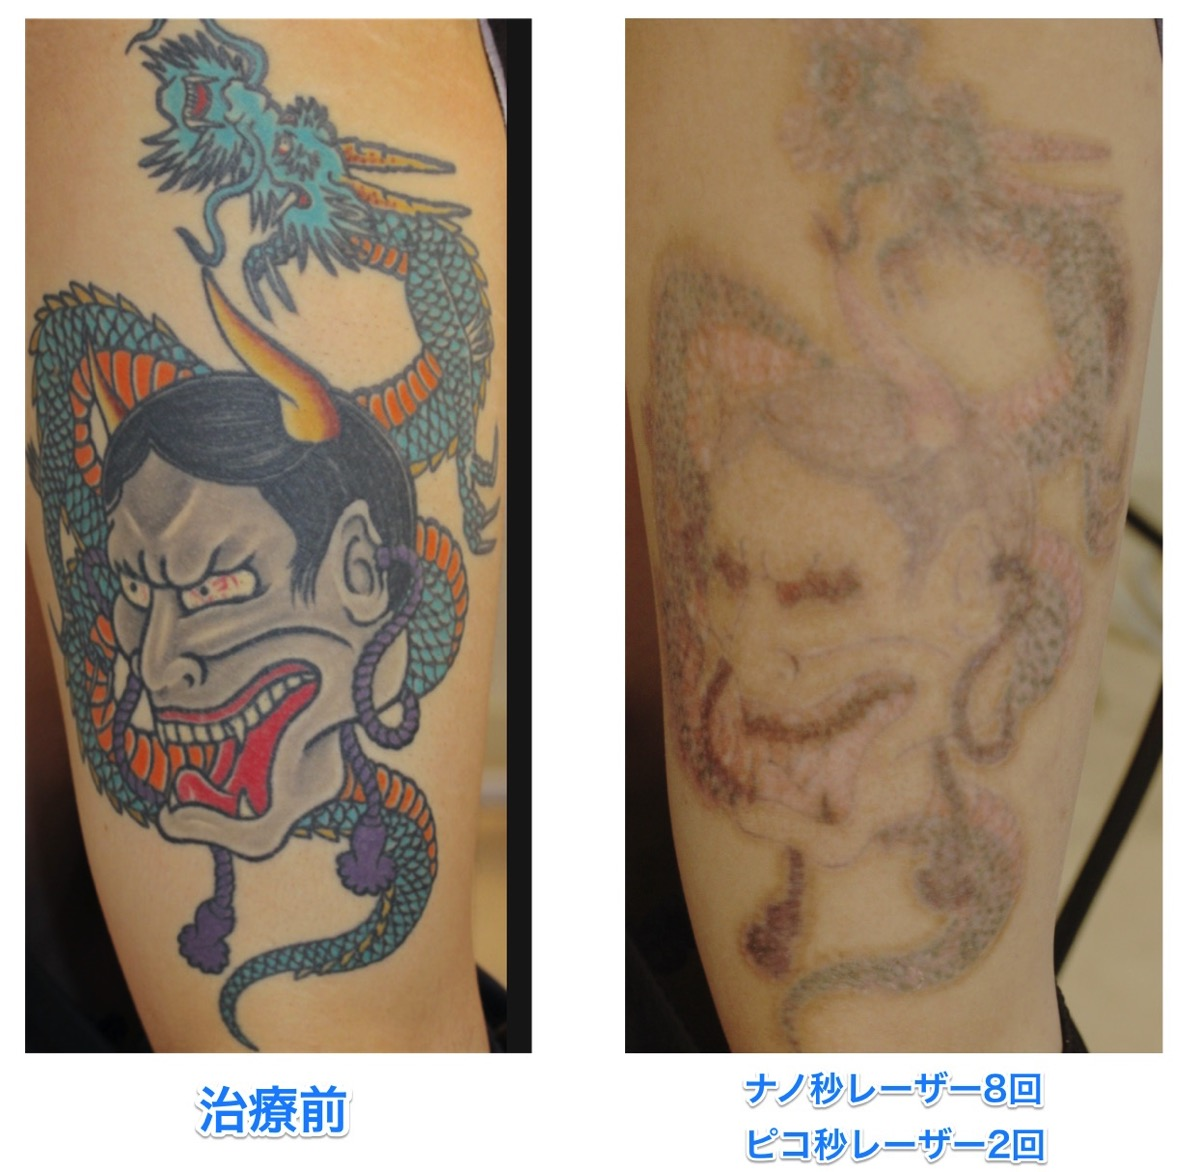 刺青除去 マルチカラー PICOWAY